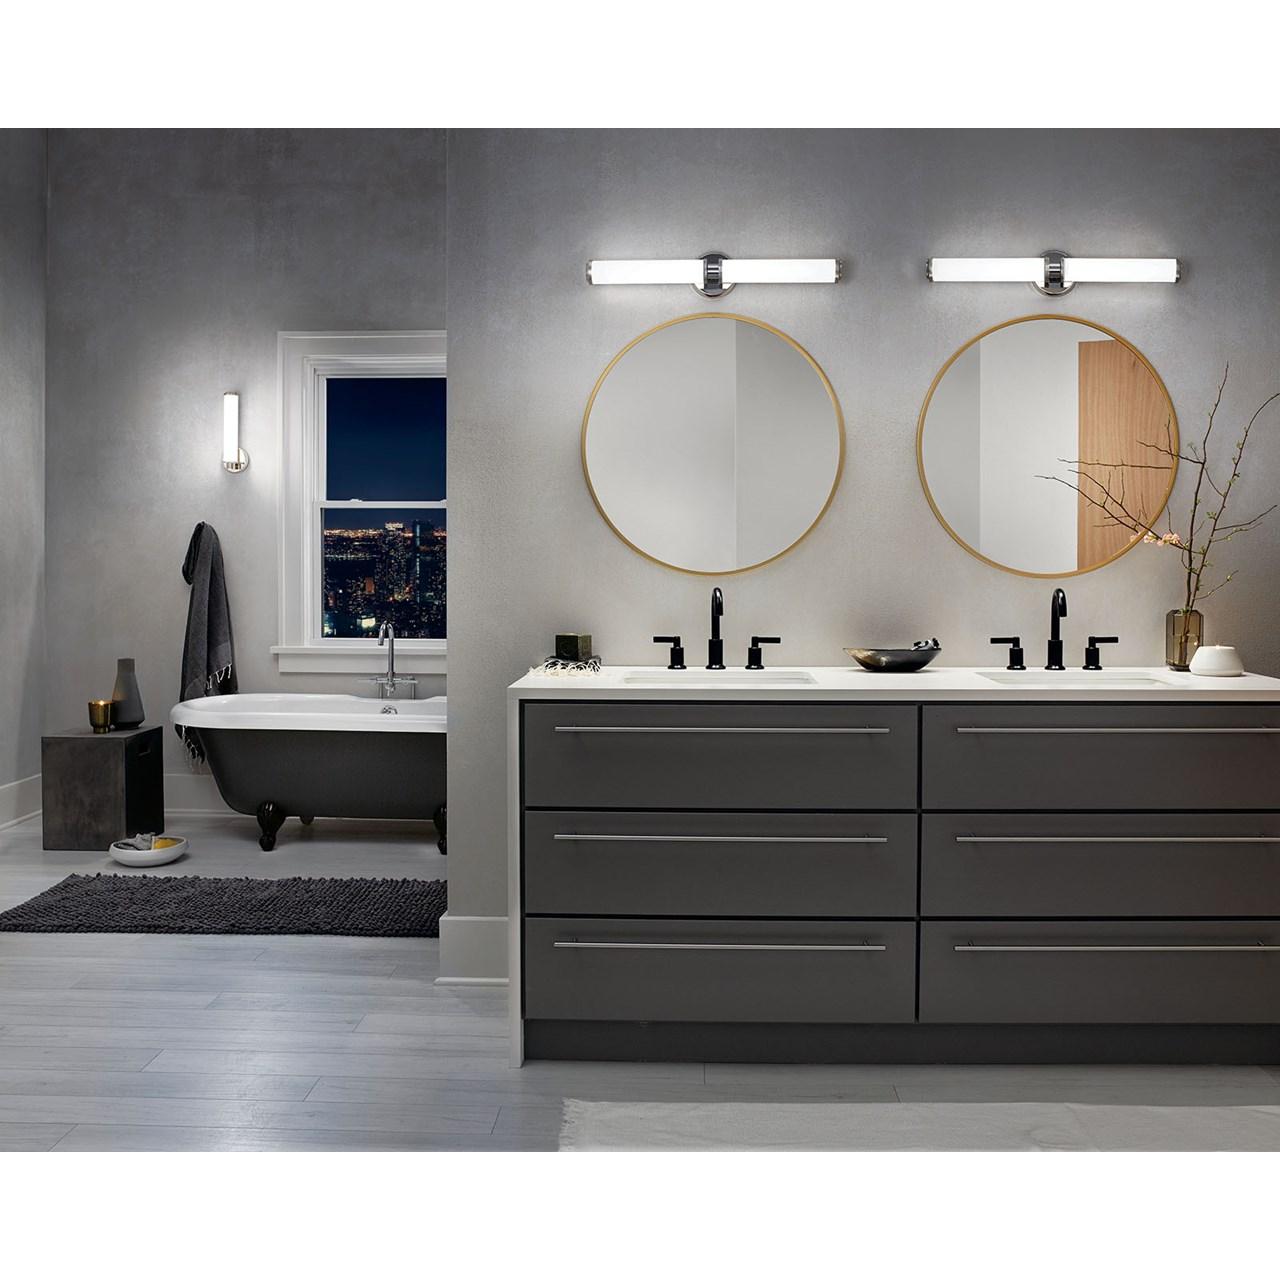 Indeco 27 Led Linear Vanity Light In Polished Nickel Kichler Lighting